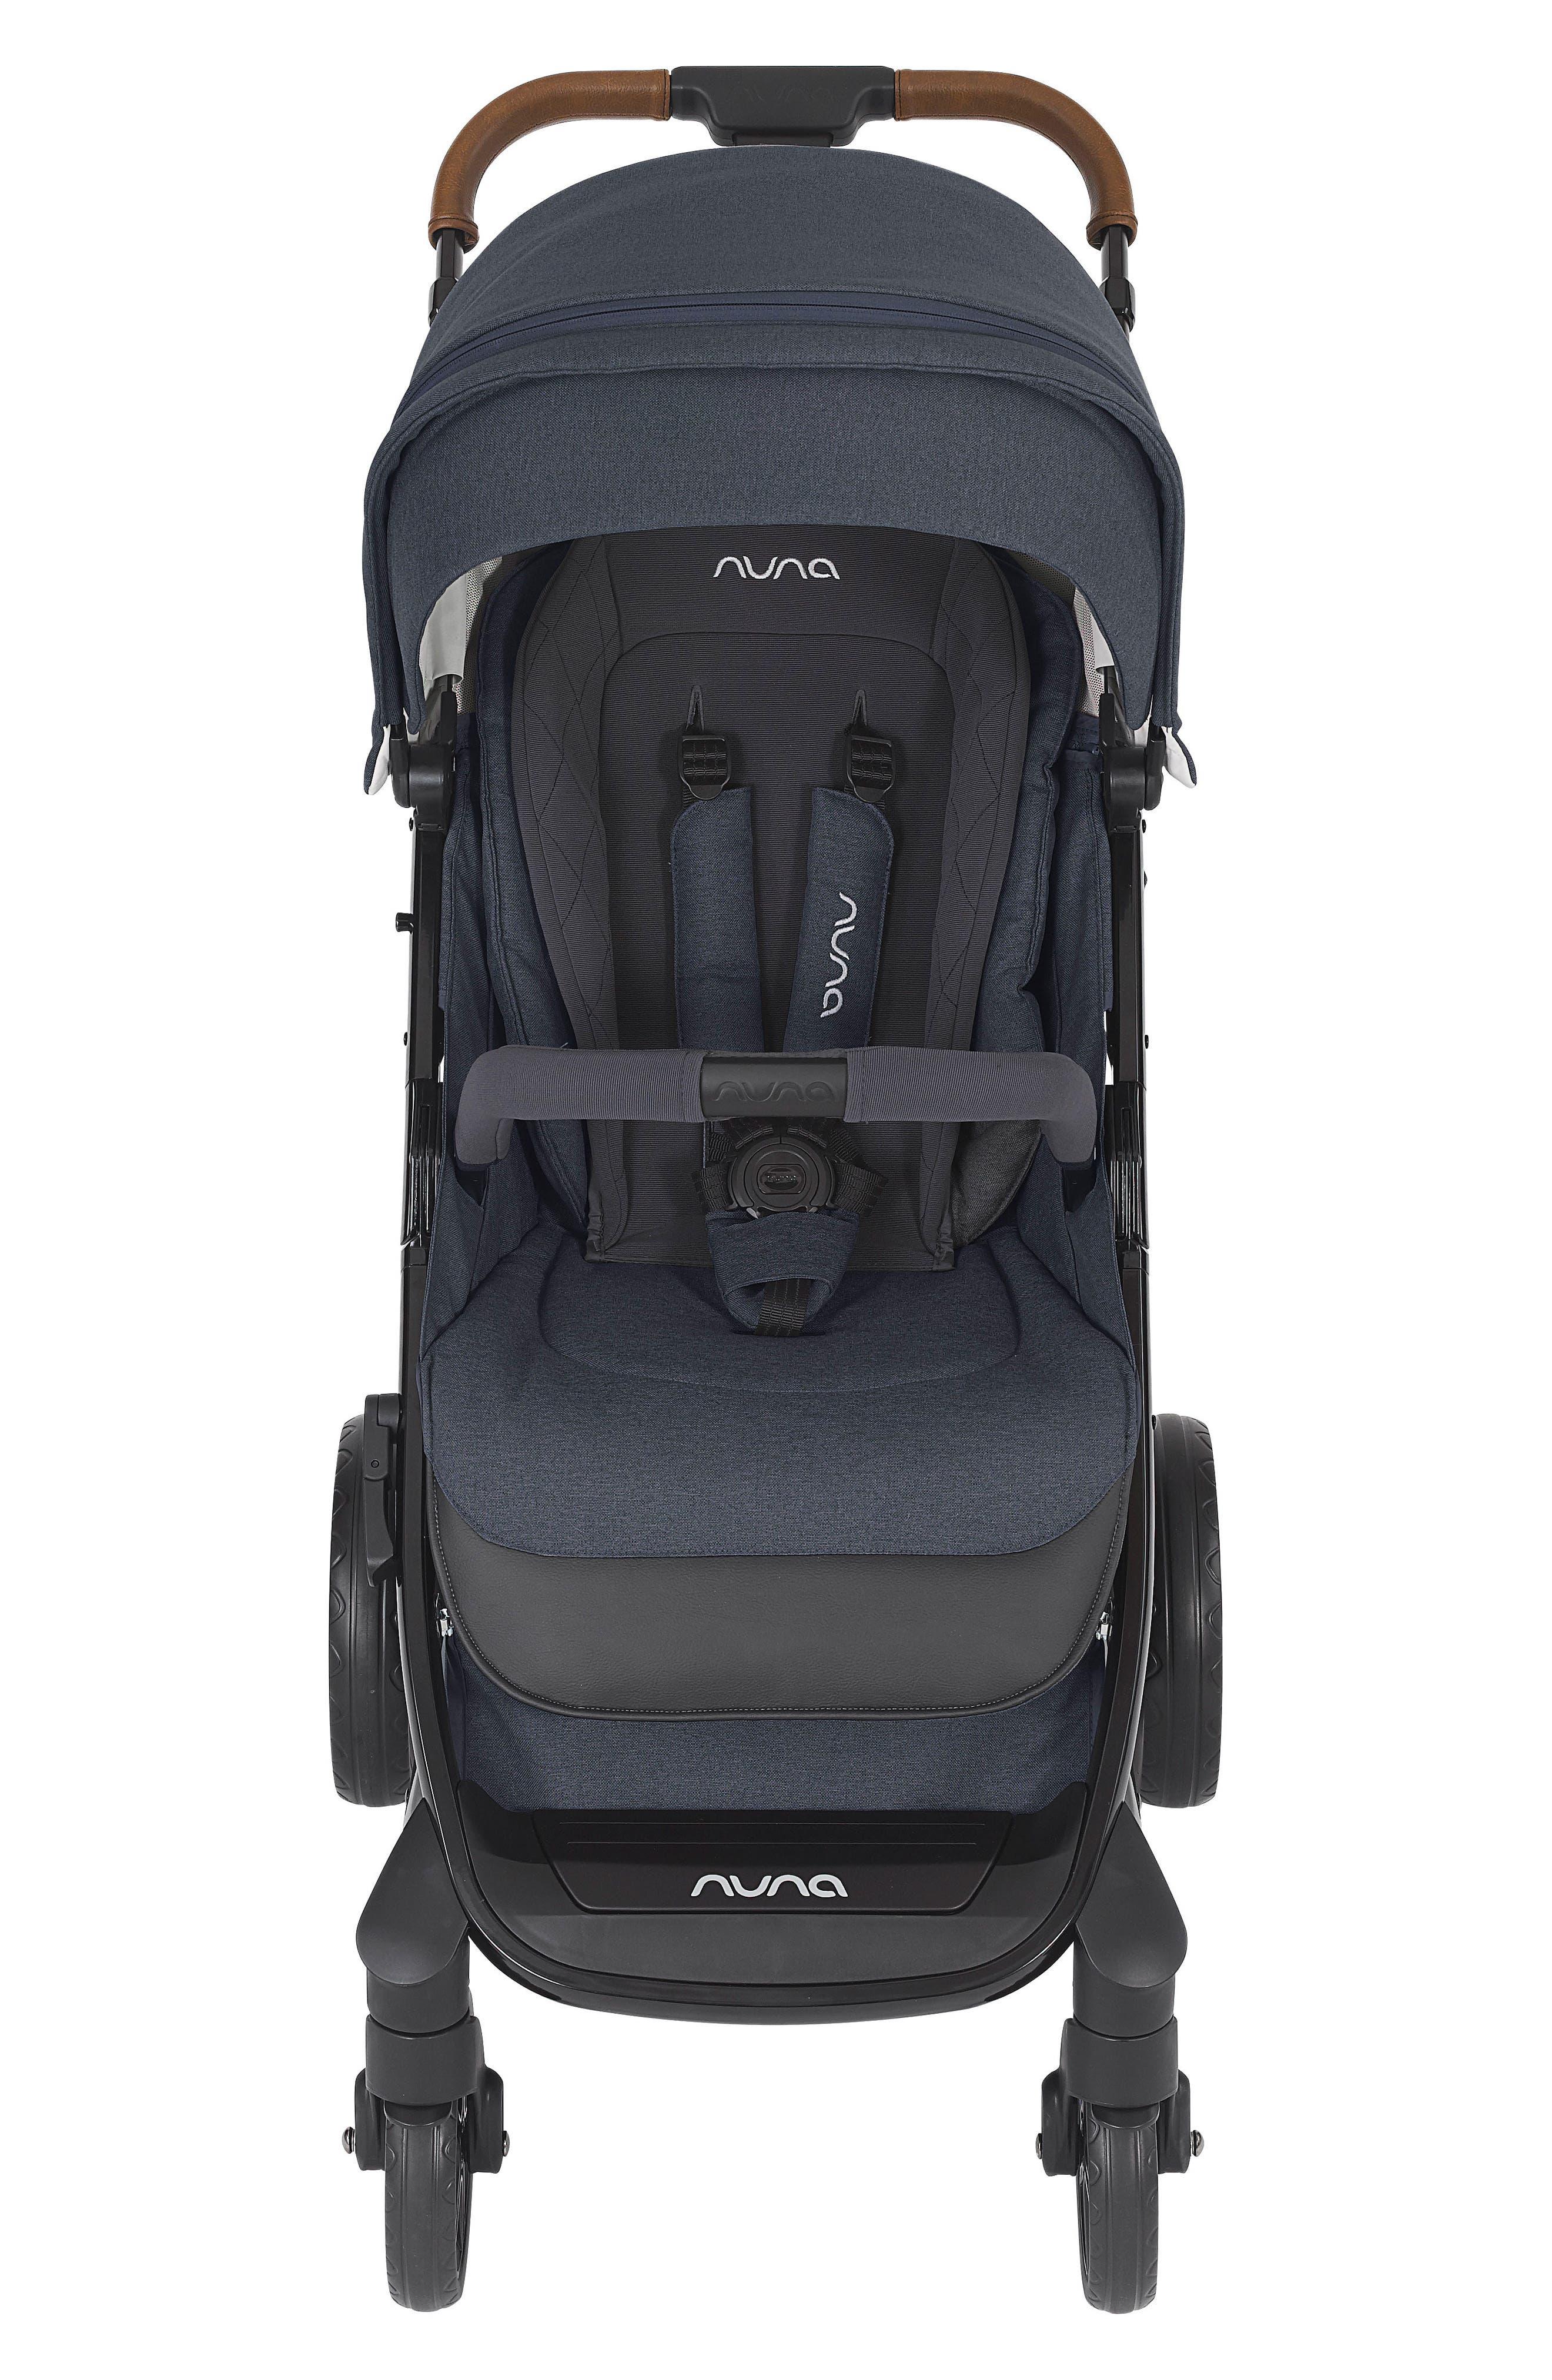 nuna 2019 TAVO™ Stroller